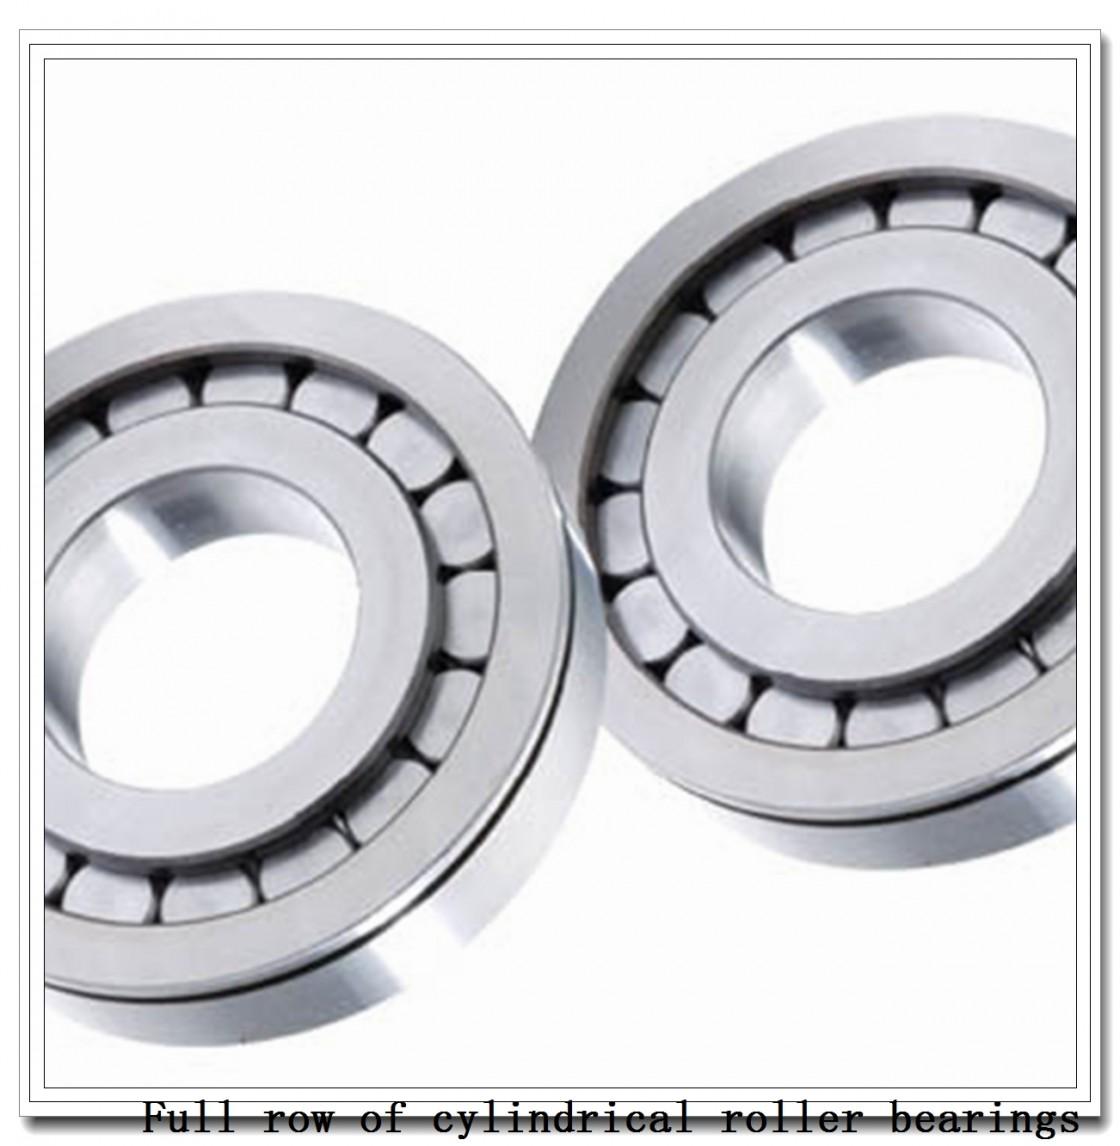 NCF29/710V Full row of cylindrical roller bearings